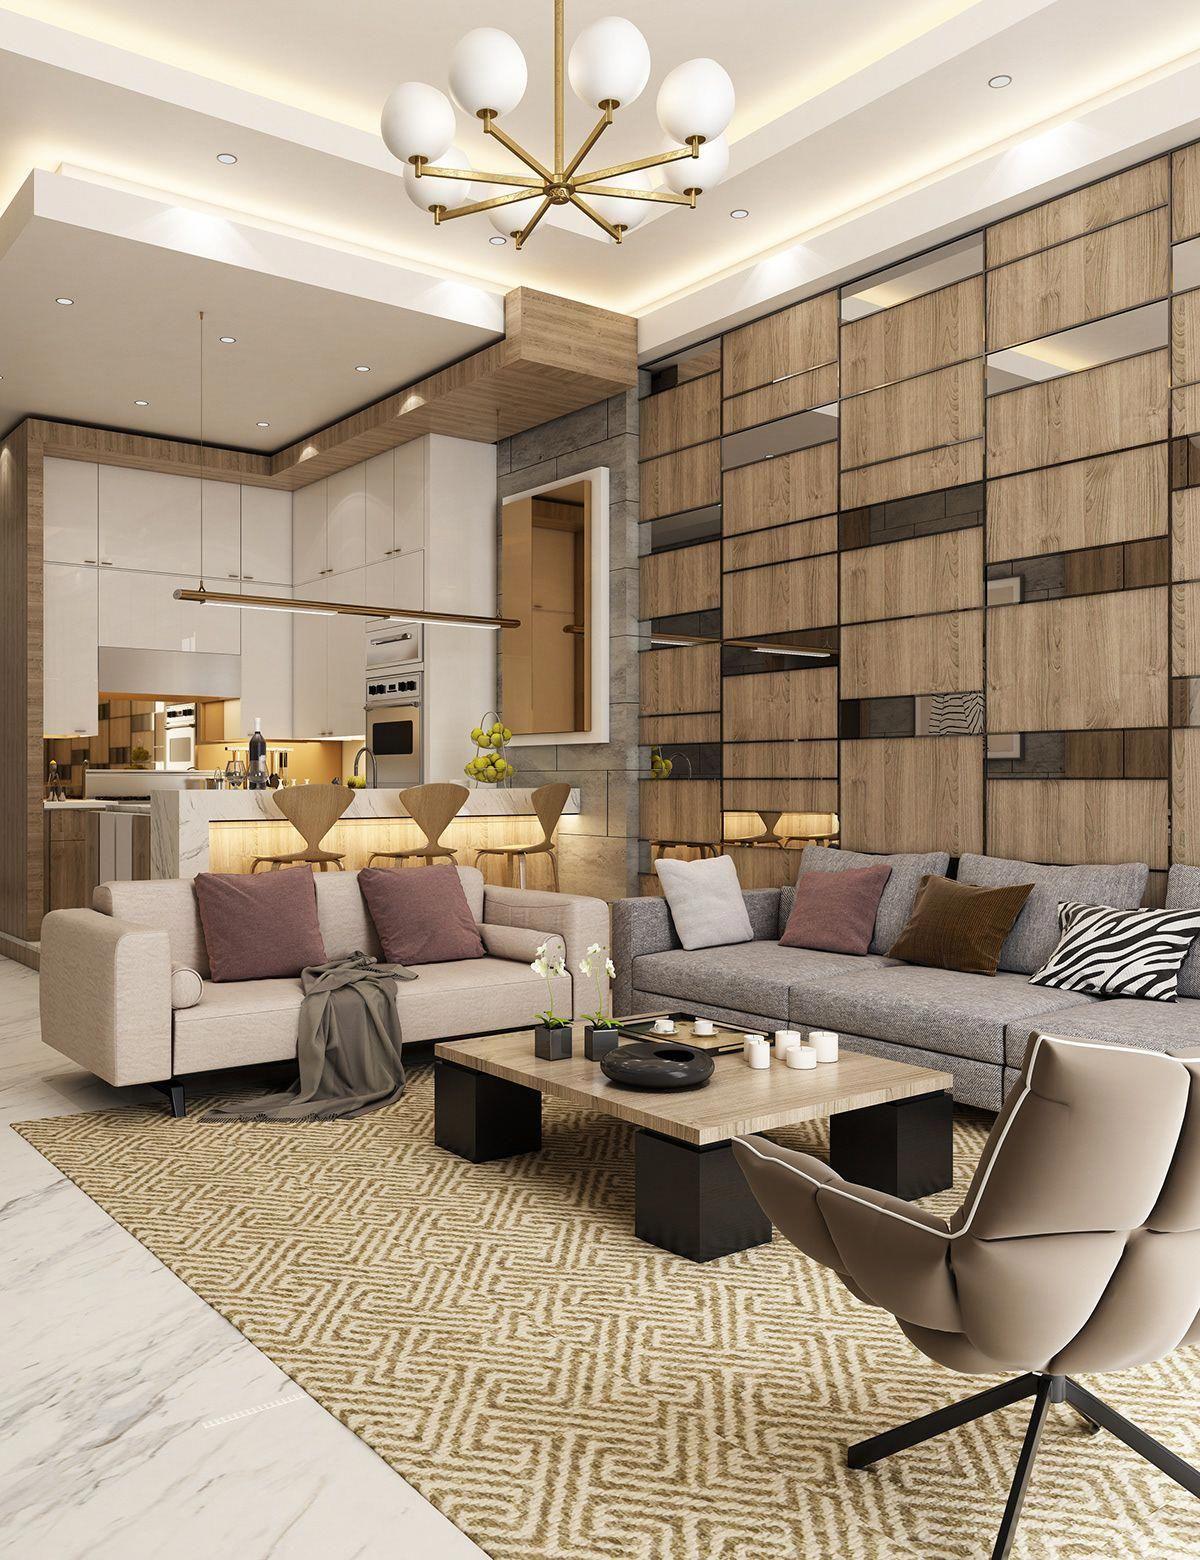 Contemporary apartment design on behance modernhomedecorkitchen also rh pinterest